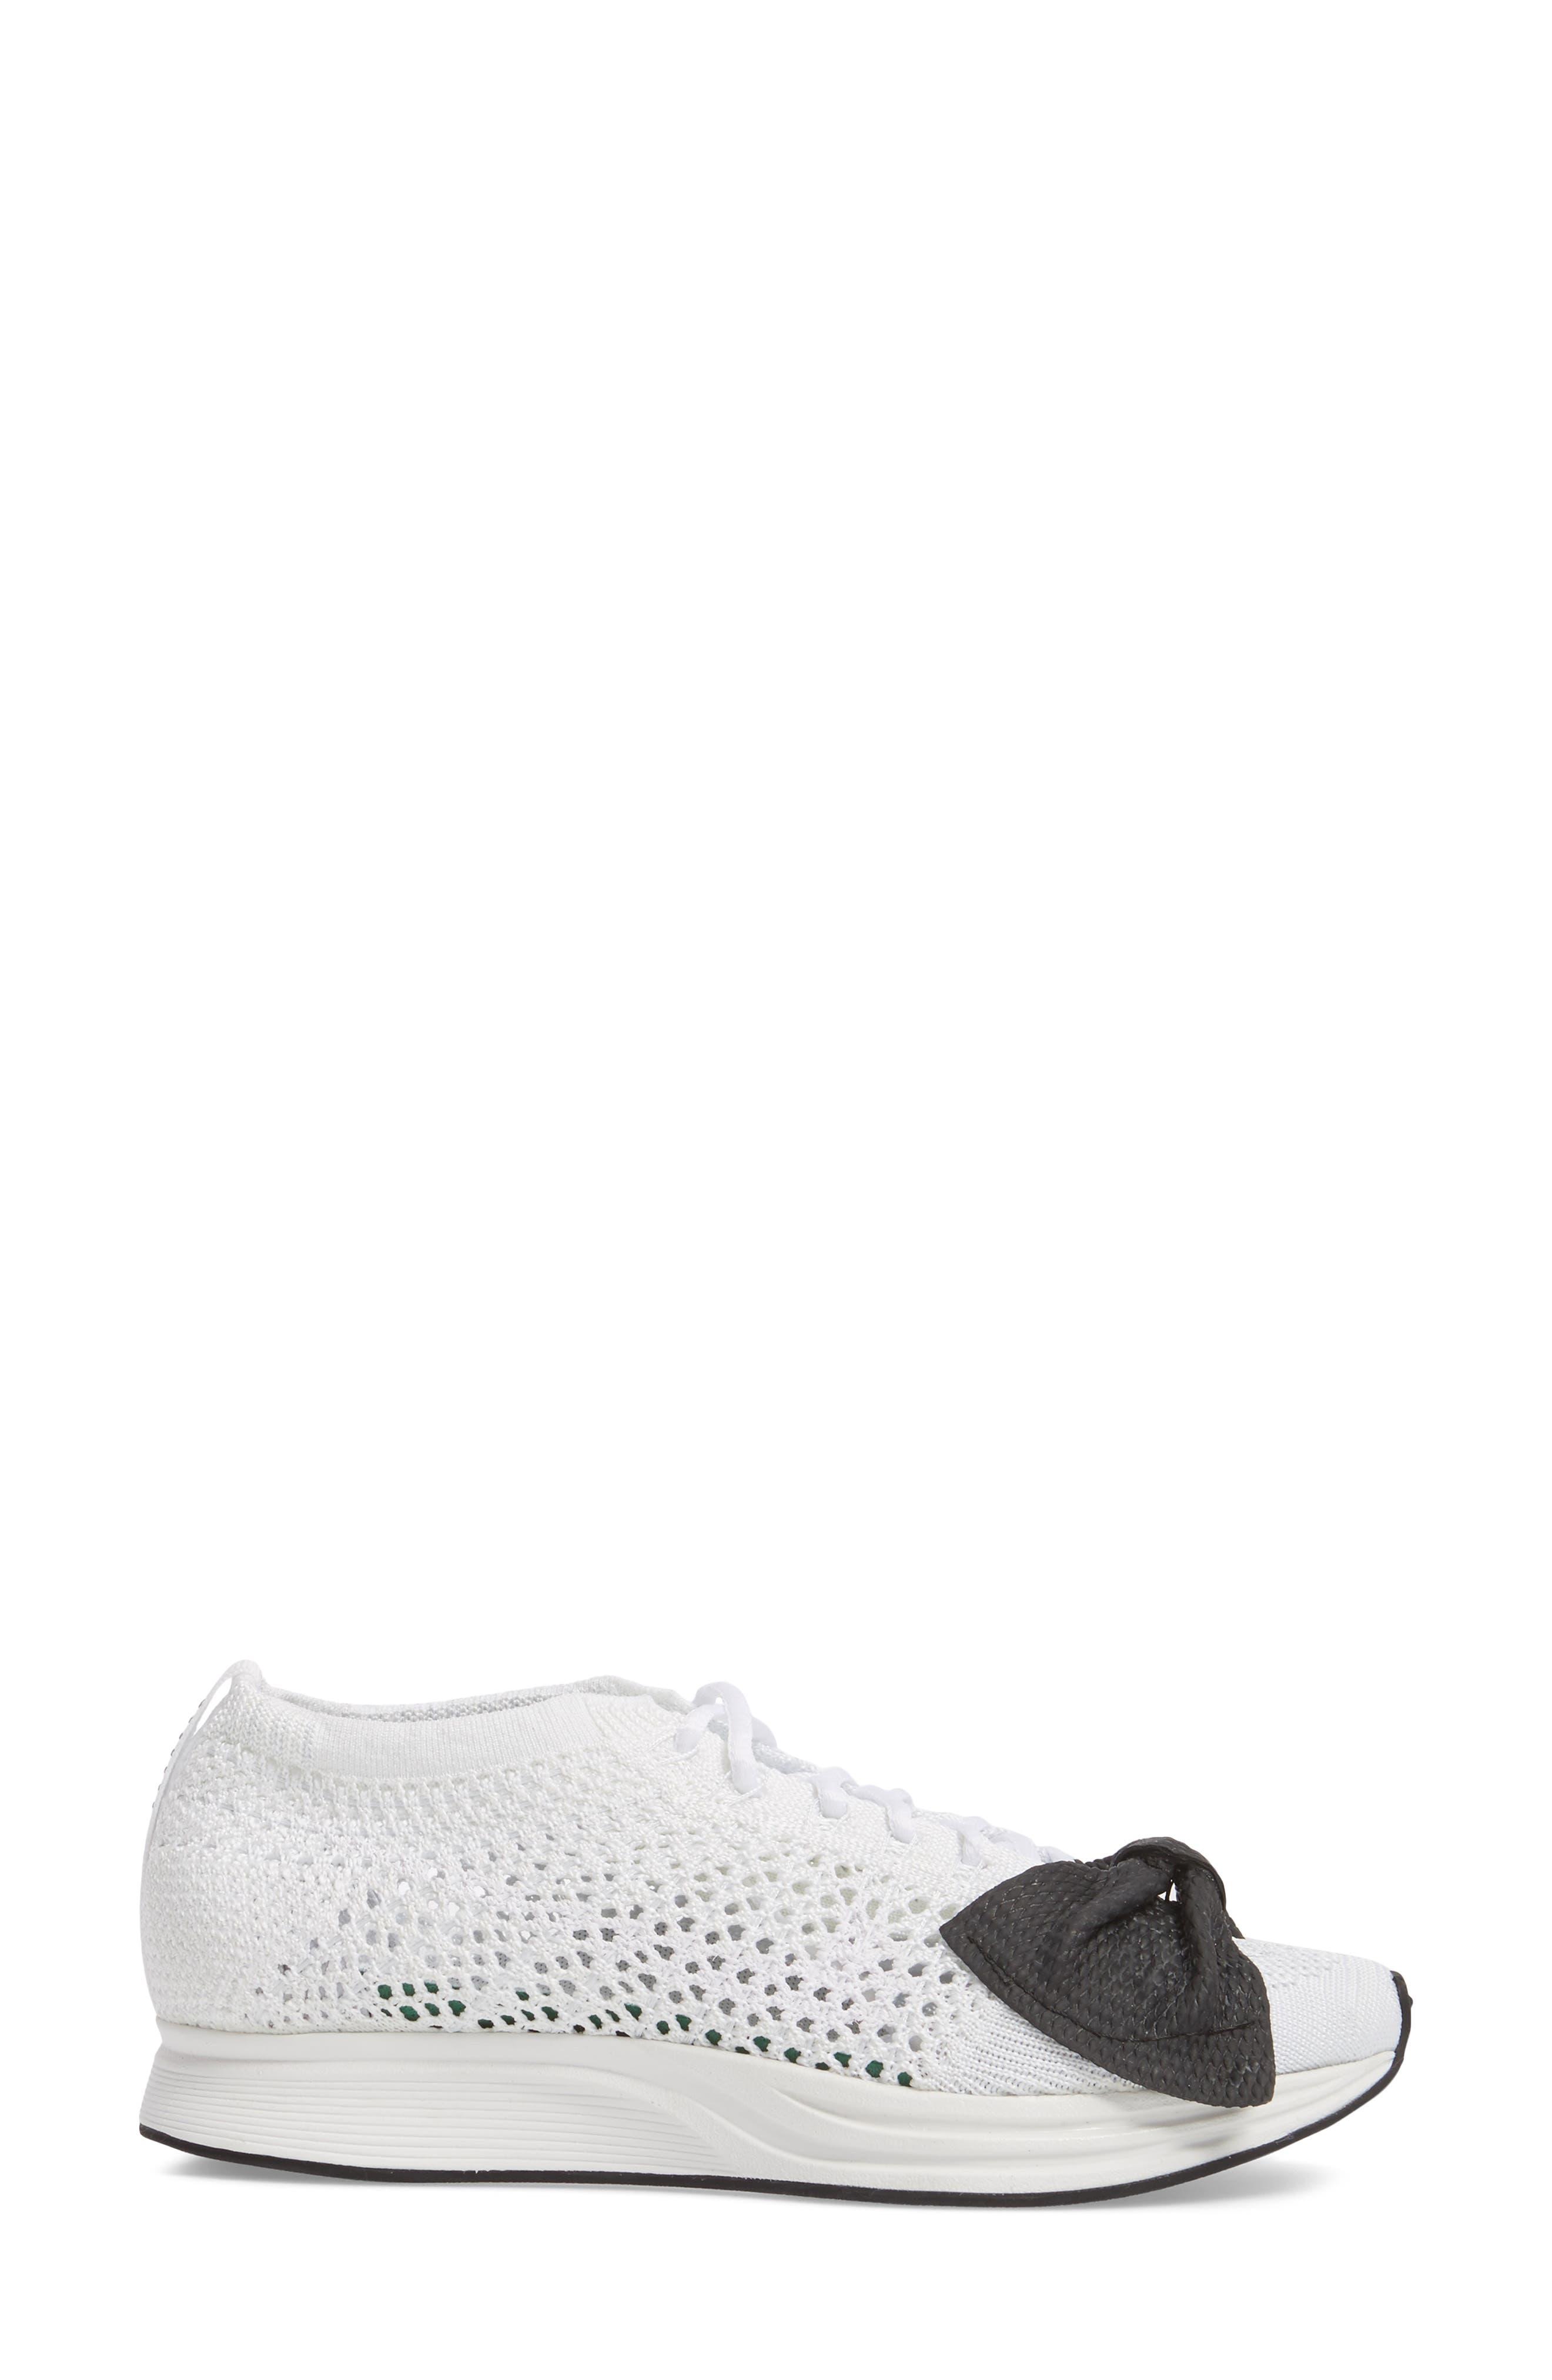 x Nike Bow Flyknit Racer Sneaker,                             Alternate thumbnail 3, color,                             White